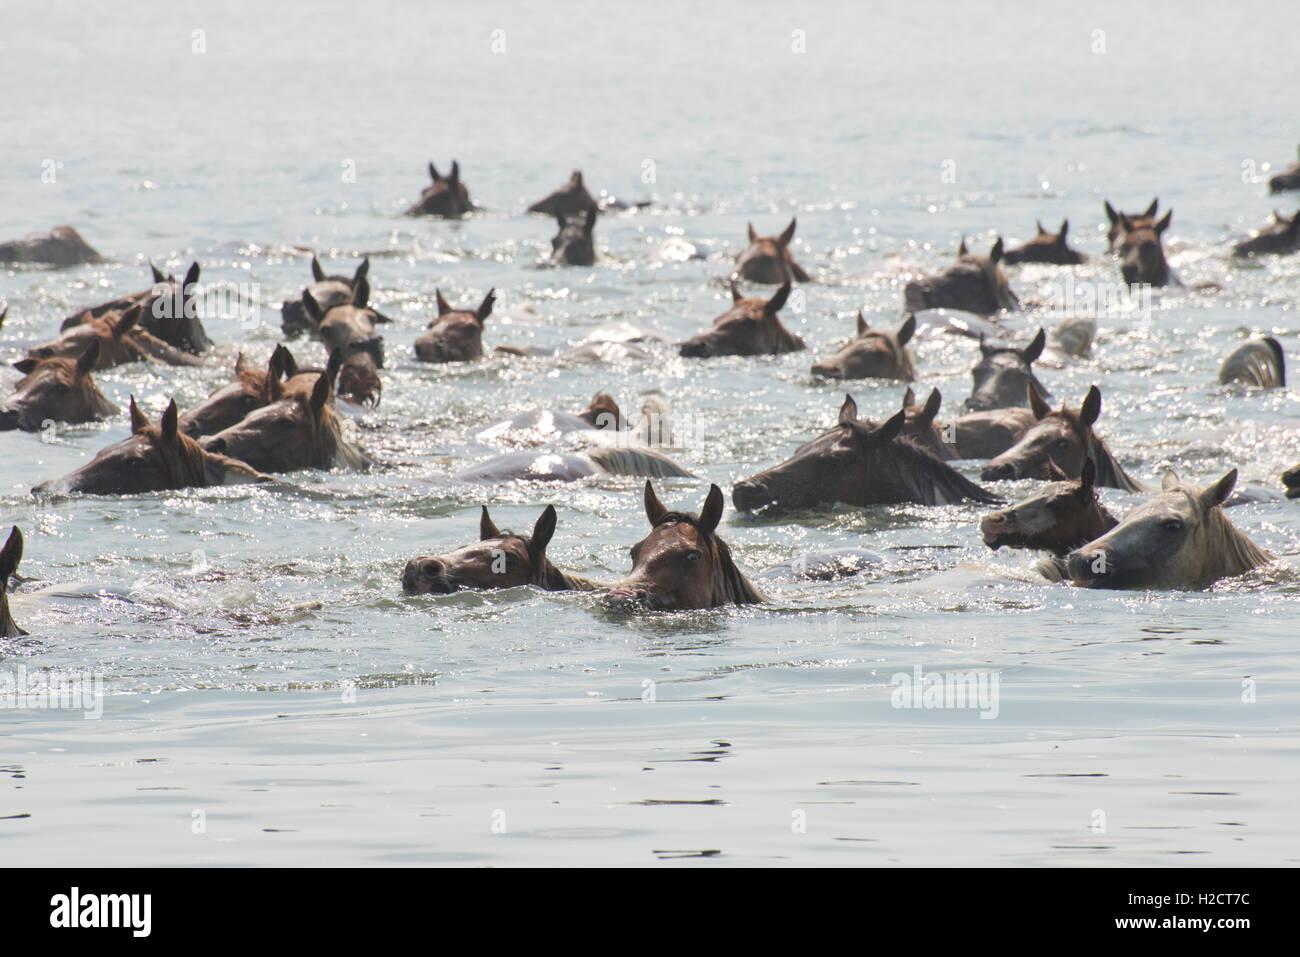 Eine Herde von wilden Ponys schwimmen über den Kanal von Assateague Insel Chincoteague Island während Stockbild